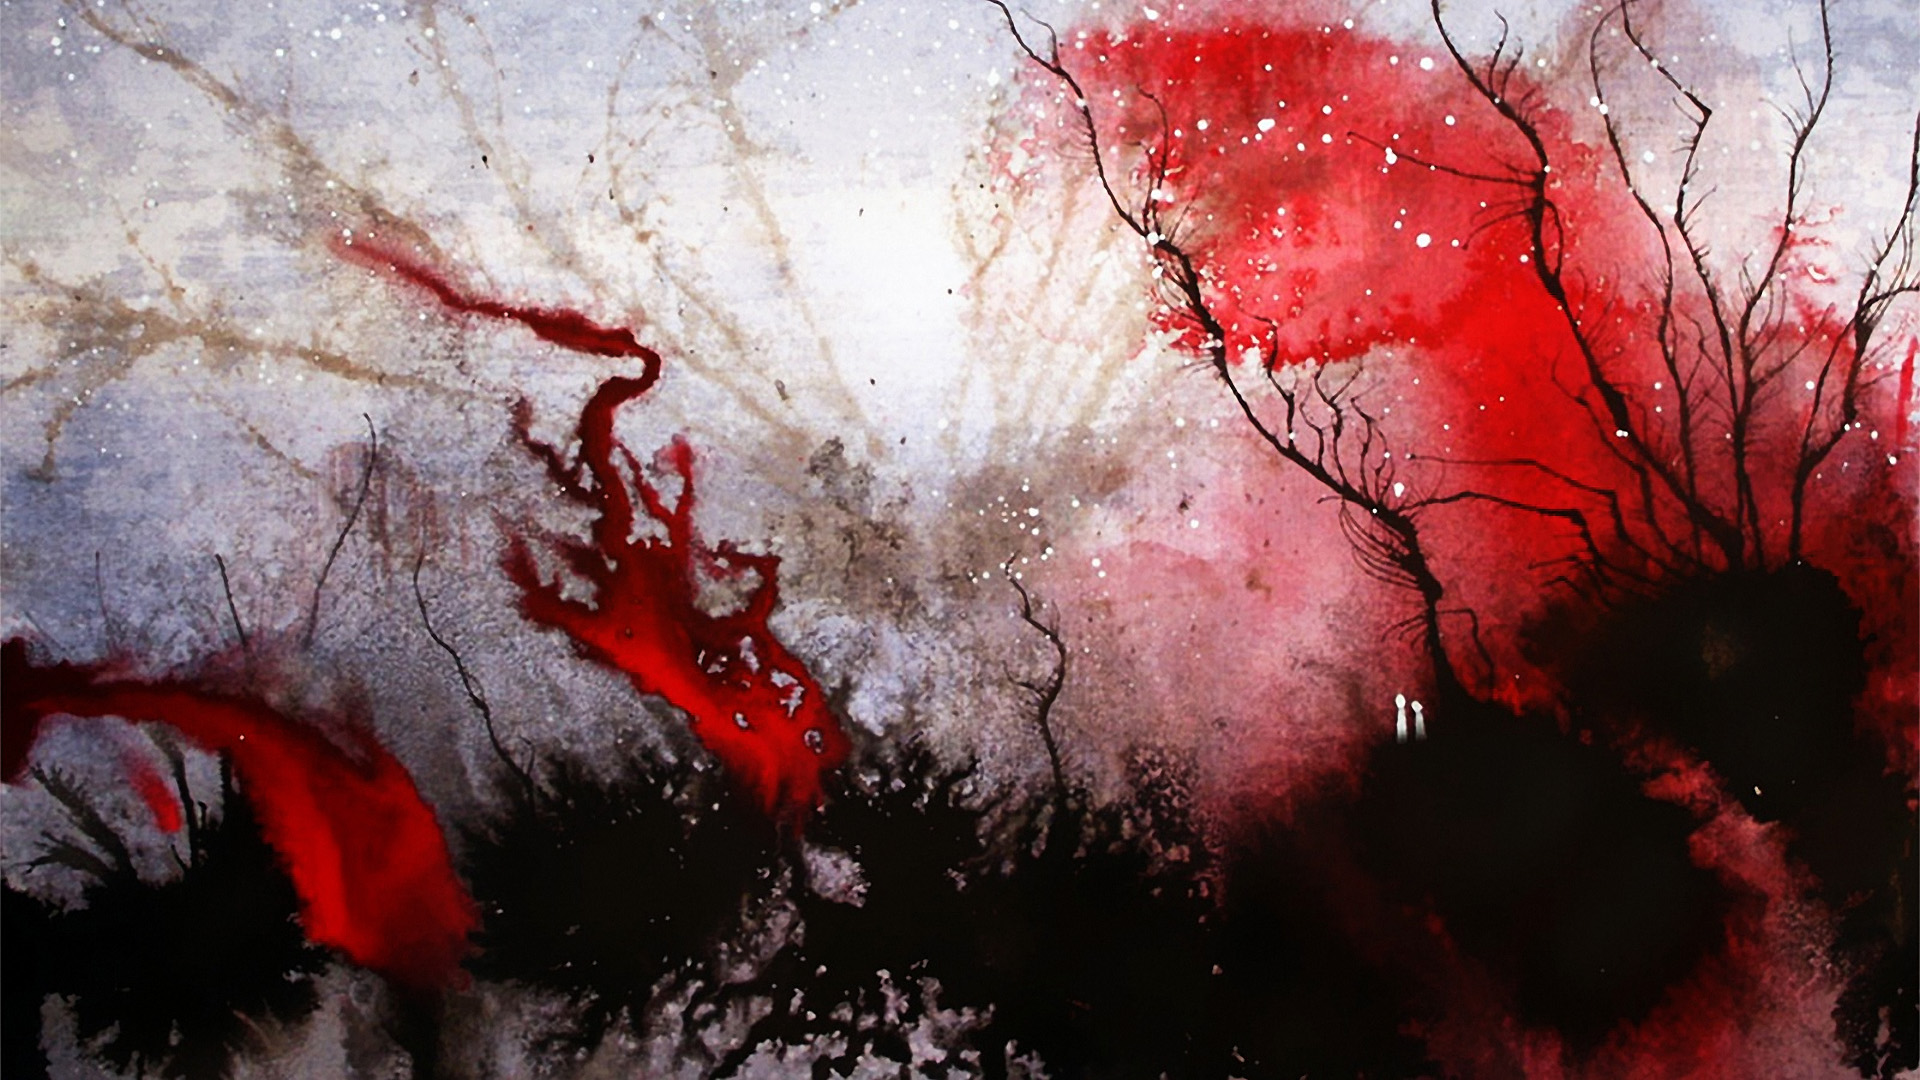 первый обои кровавые на рабочий стол даче